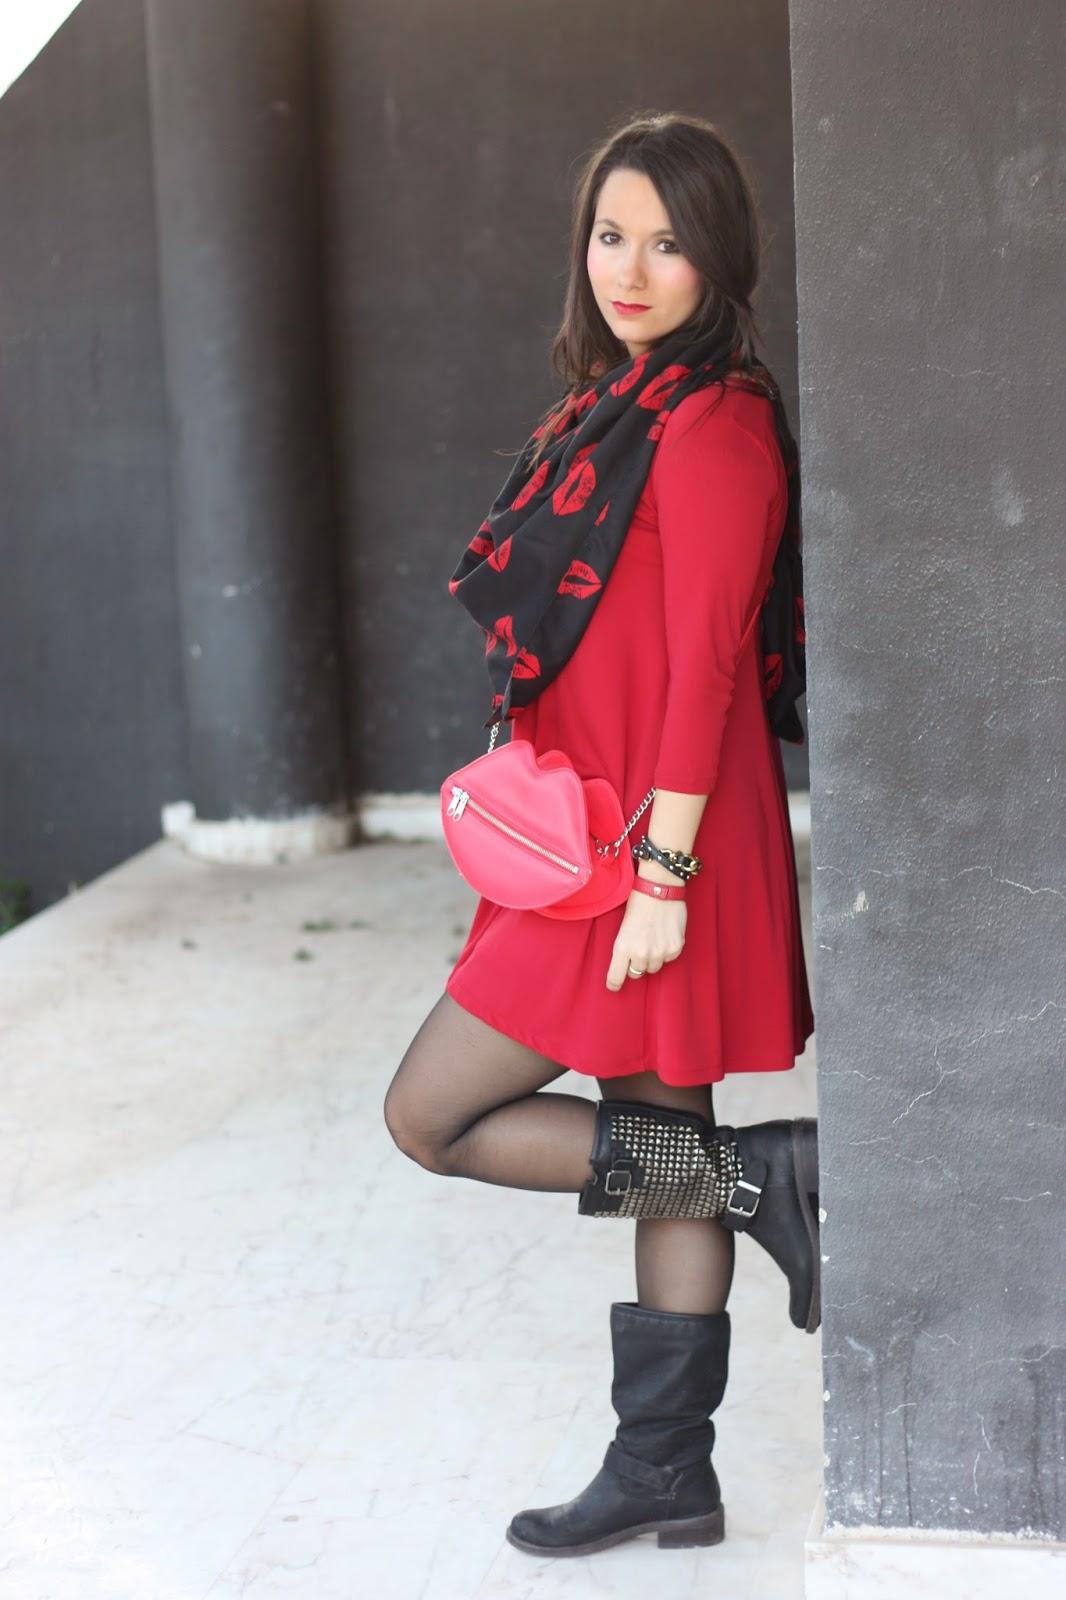 http://silviparalasamigas.blogspot.com.es/2015/04/vestido-holgado-rojo_8.html